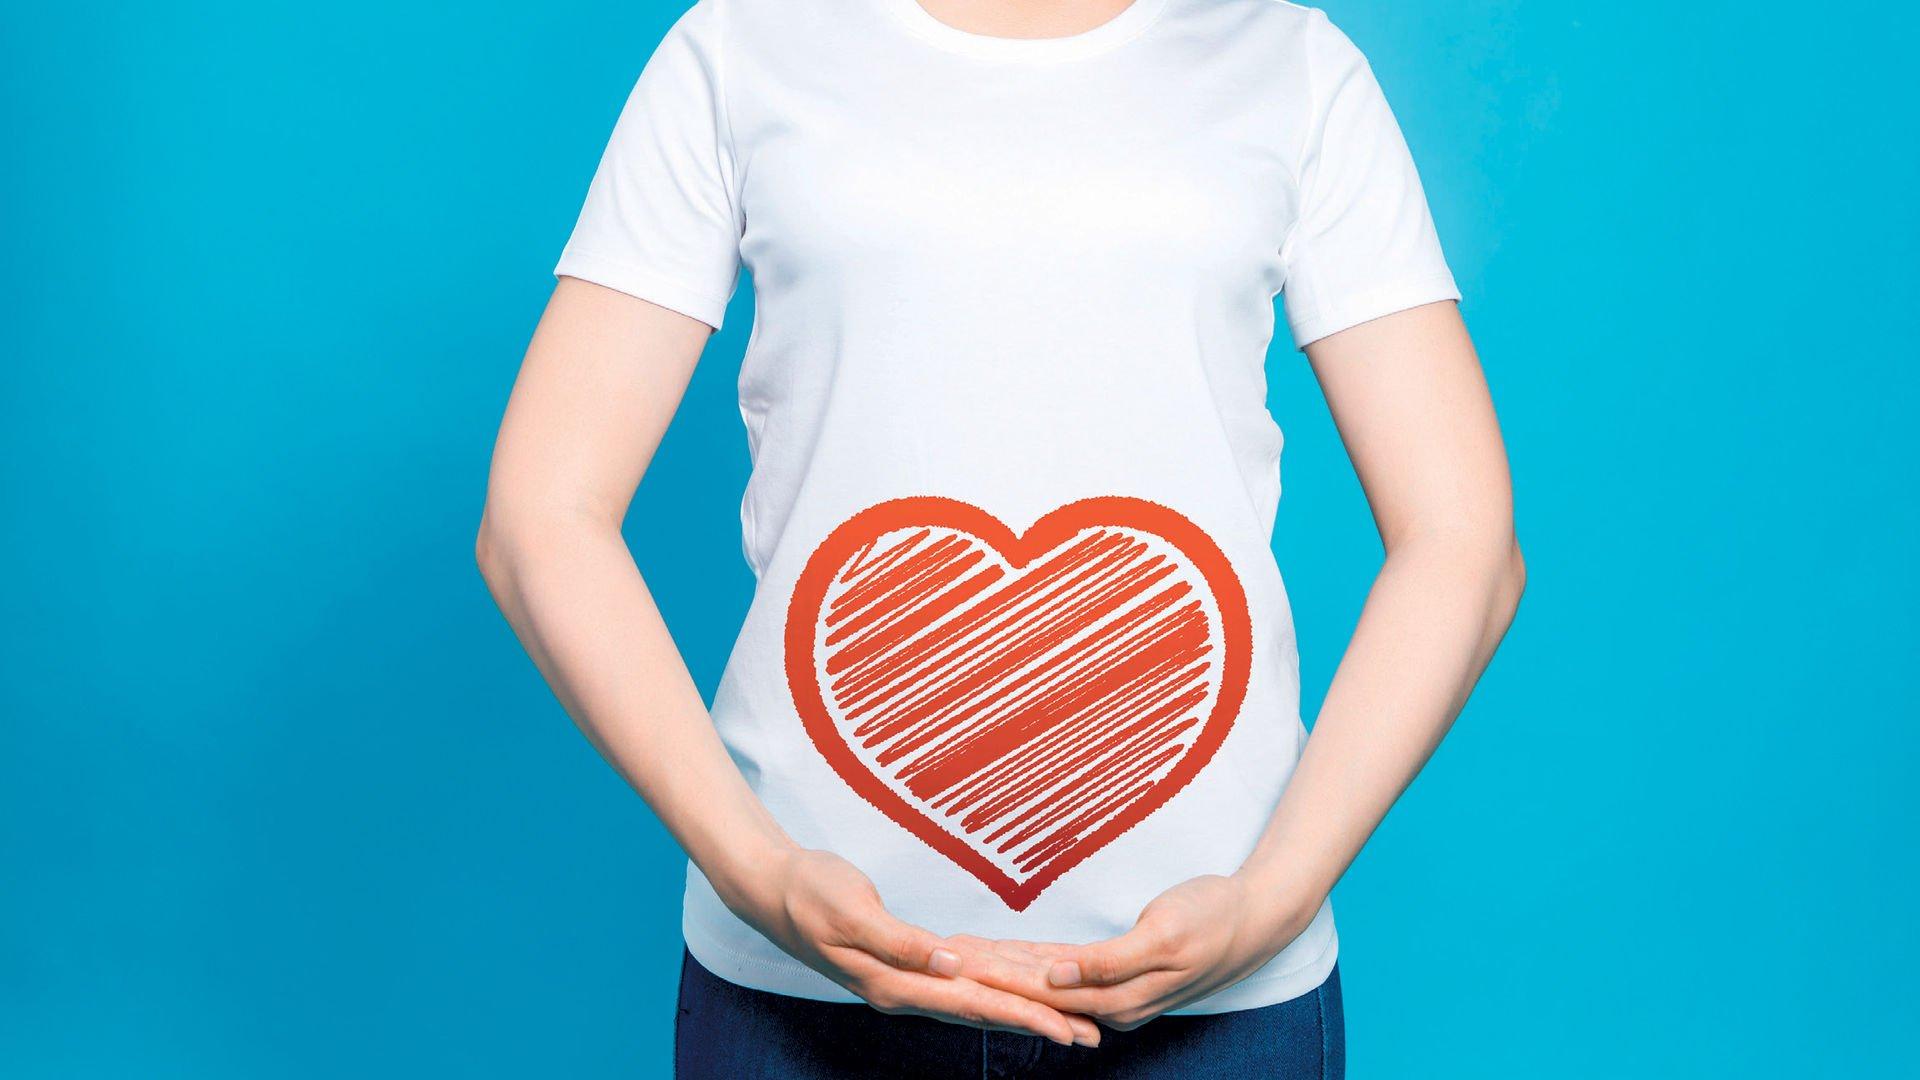 1932264_1920x1080 İrritabl Bağırsak Sendromu (IBS) Nedir? Fodmap Diyeti Nasıl Uygulanır?